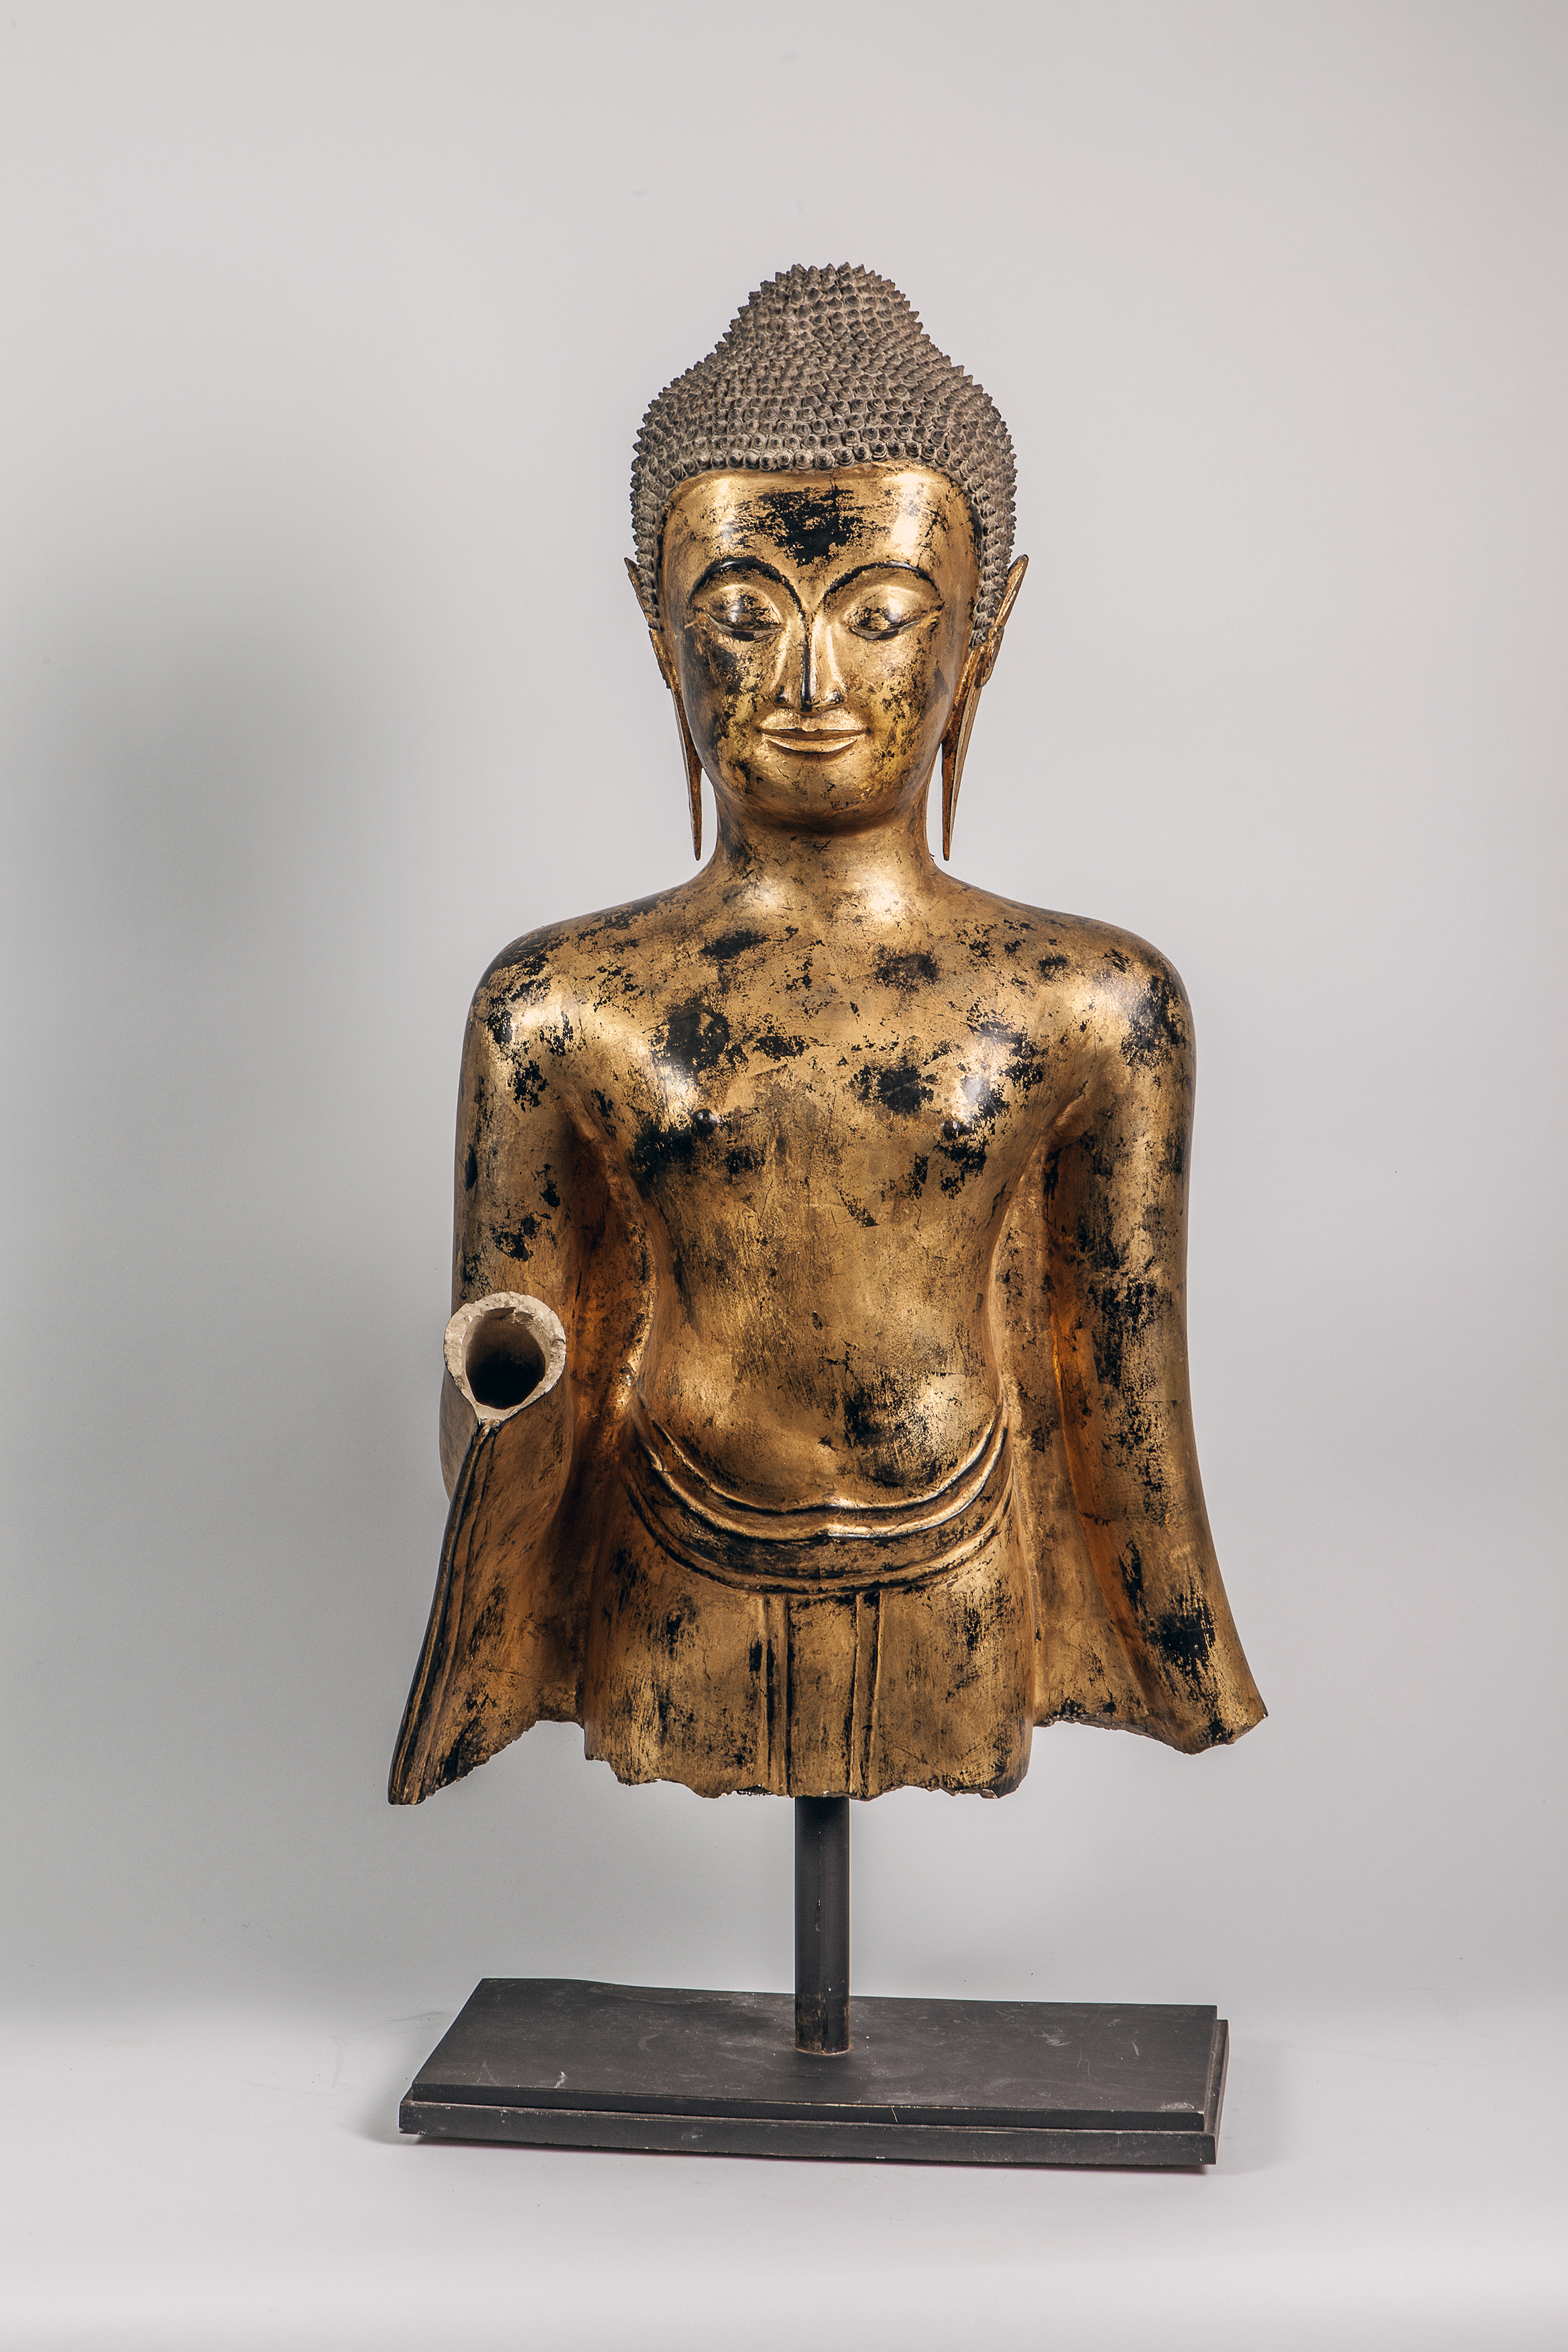 Los 58 - Buste de Buddha qui devait être dans la posture d'abaya mudra, les mains en avant, [...]